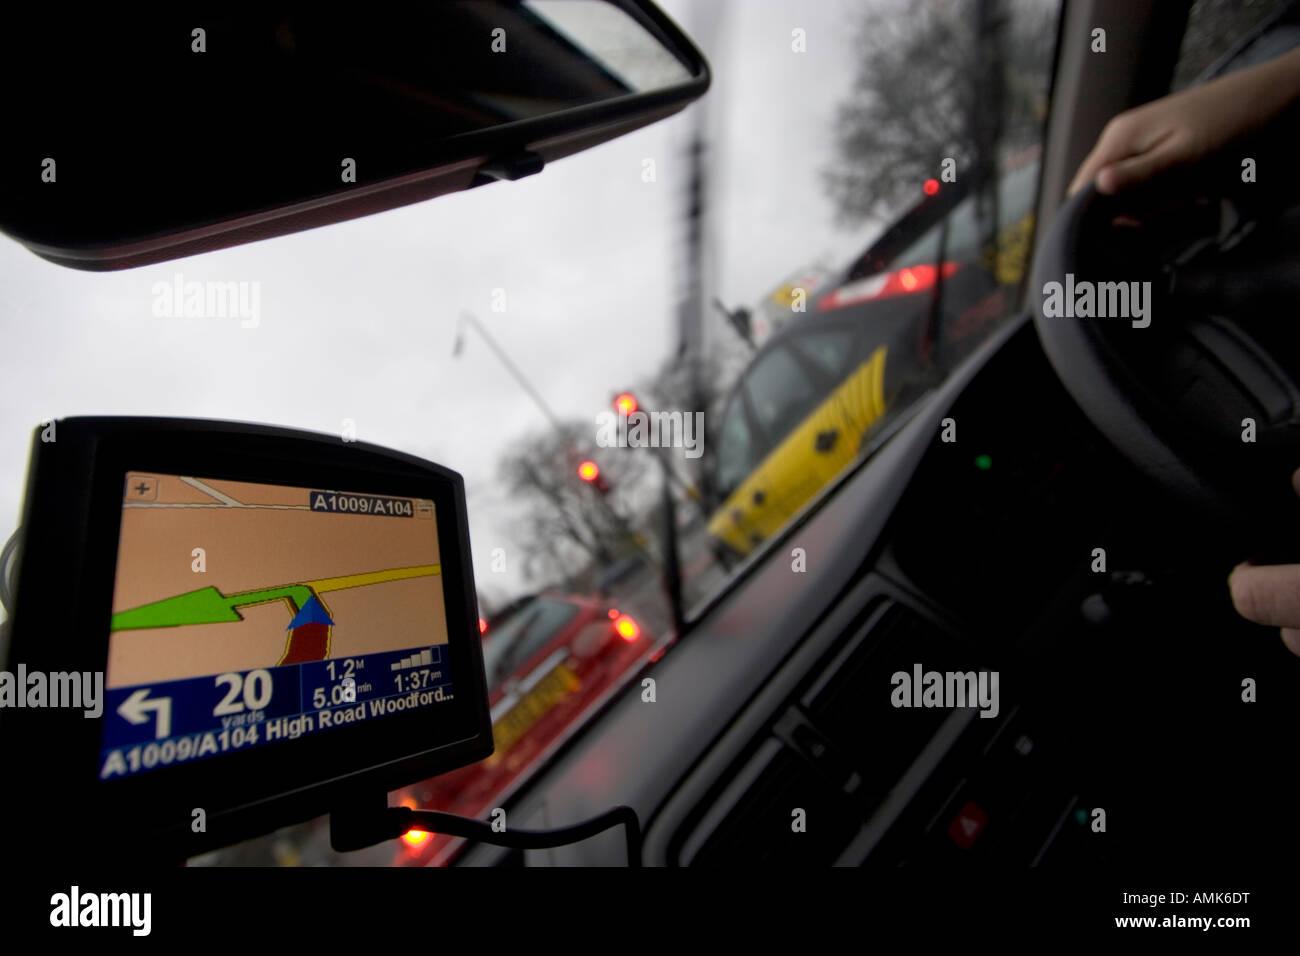 Satellite navigation for cars tom tom tom tom tomtom - Stock Image